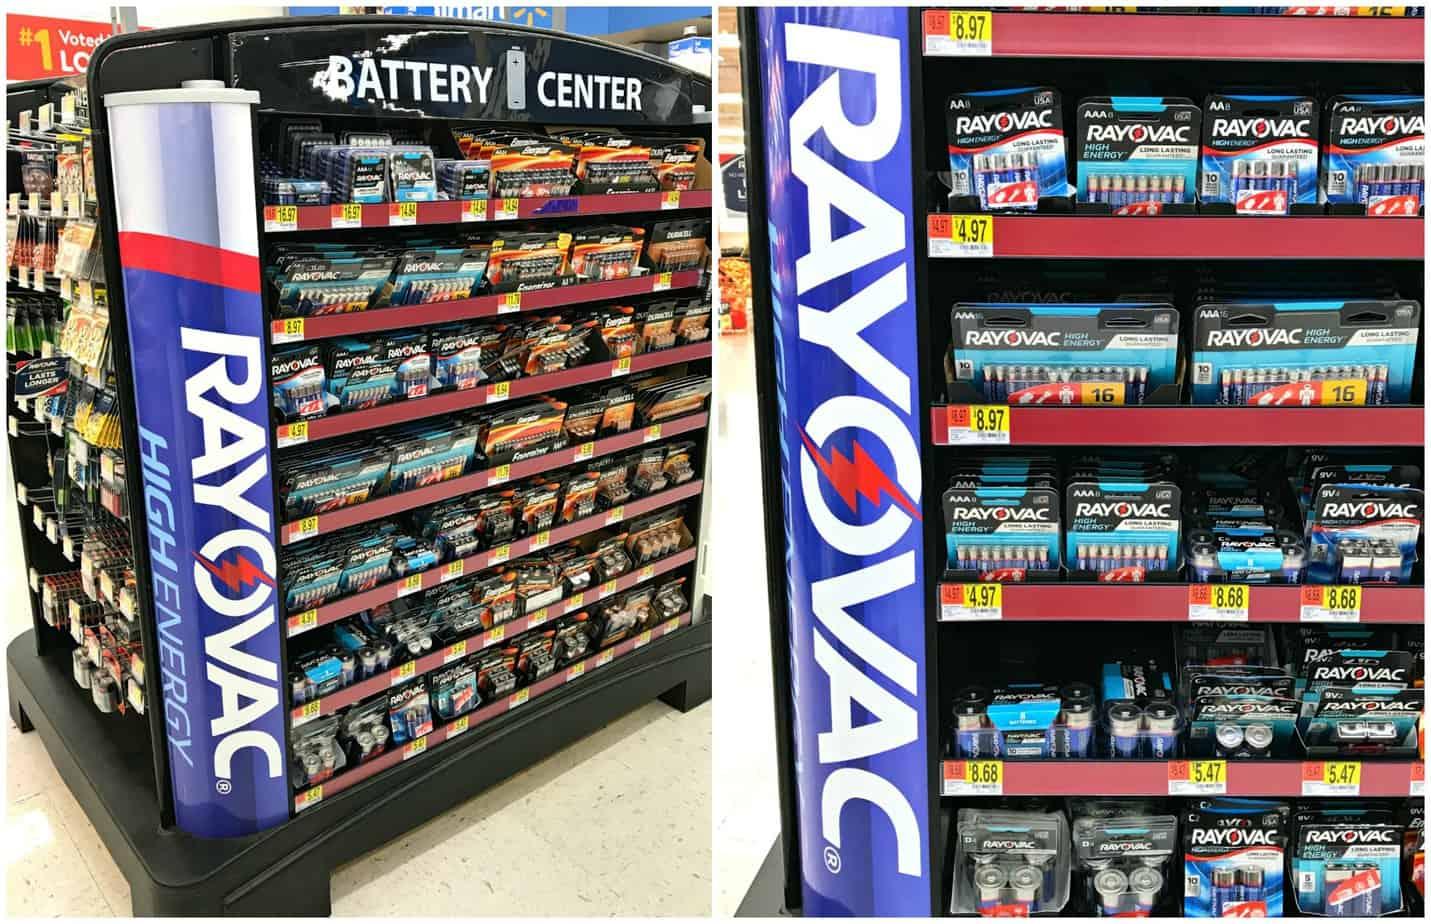 RAYOVAC Batteries at Walmart